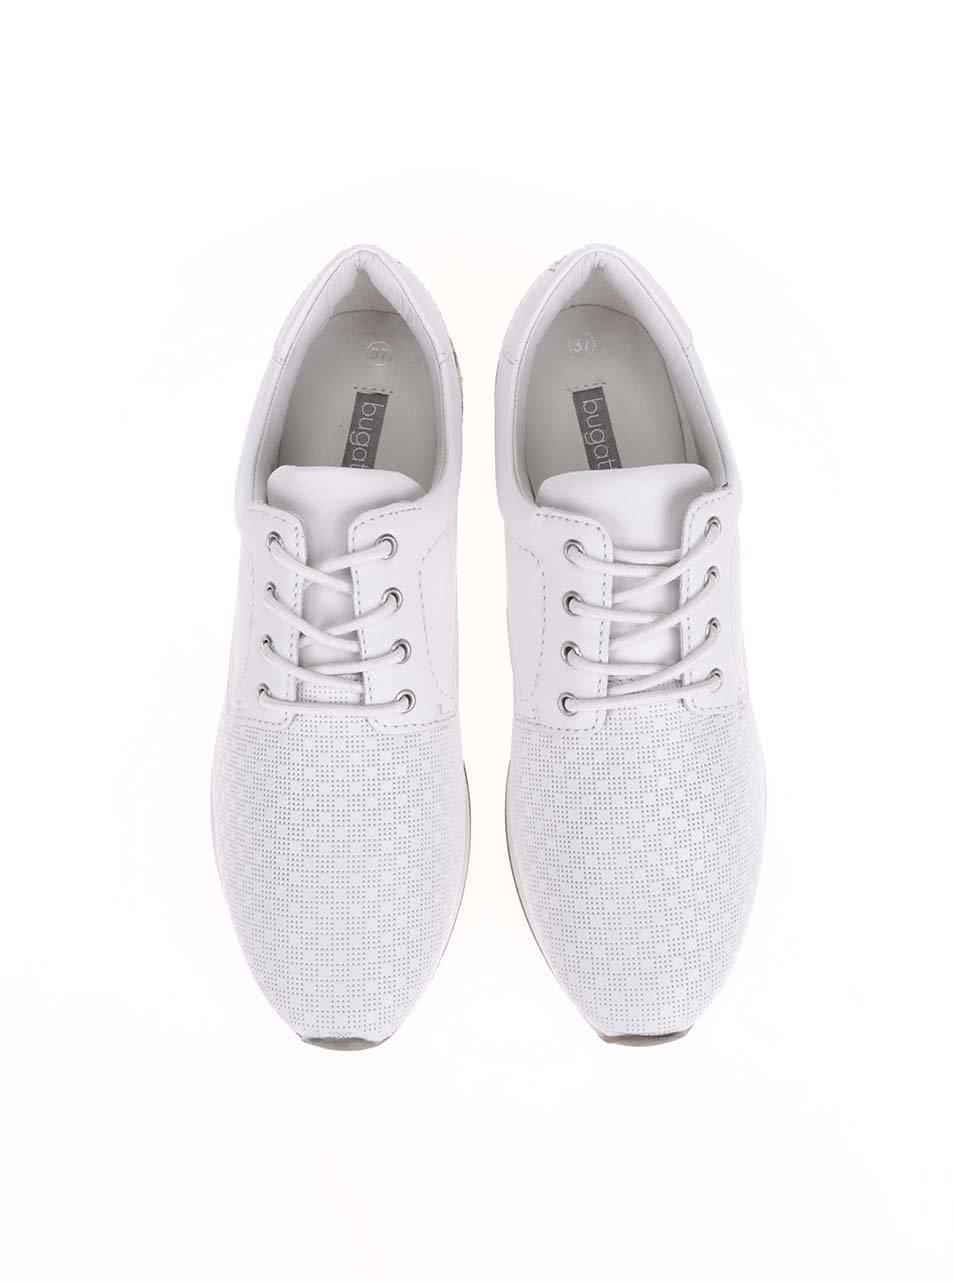 c9f260f34960 Biele dámske kožené tenisky bugatti ...